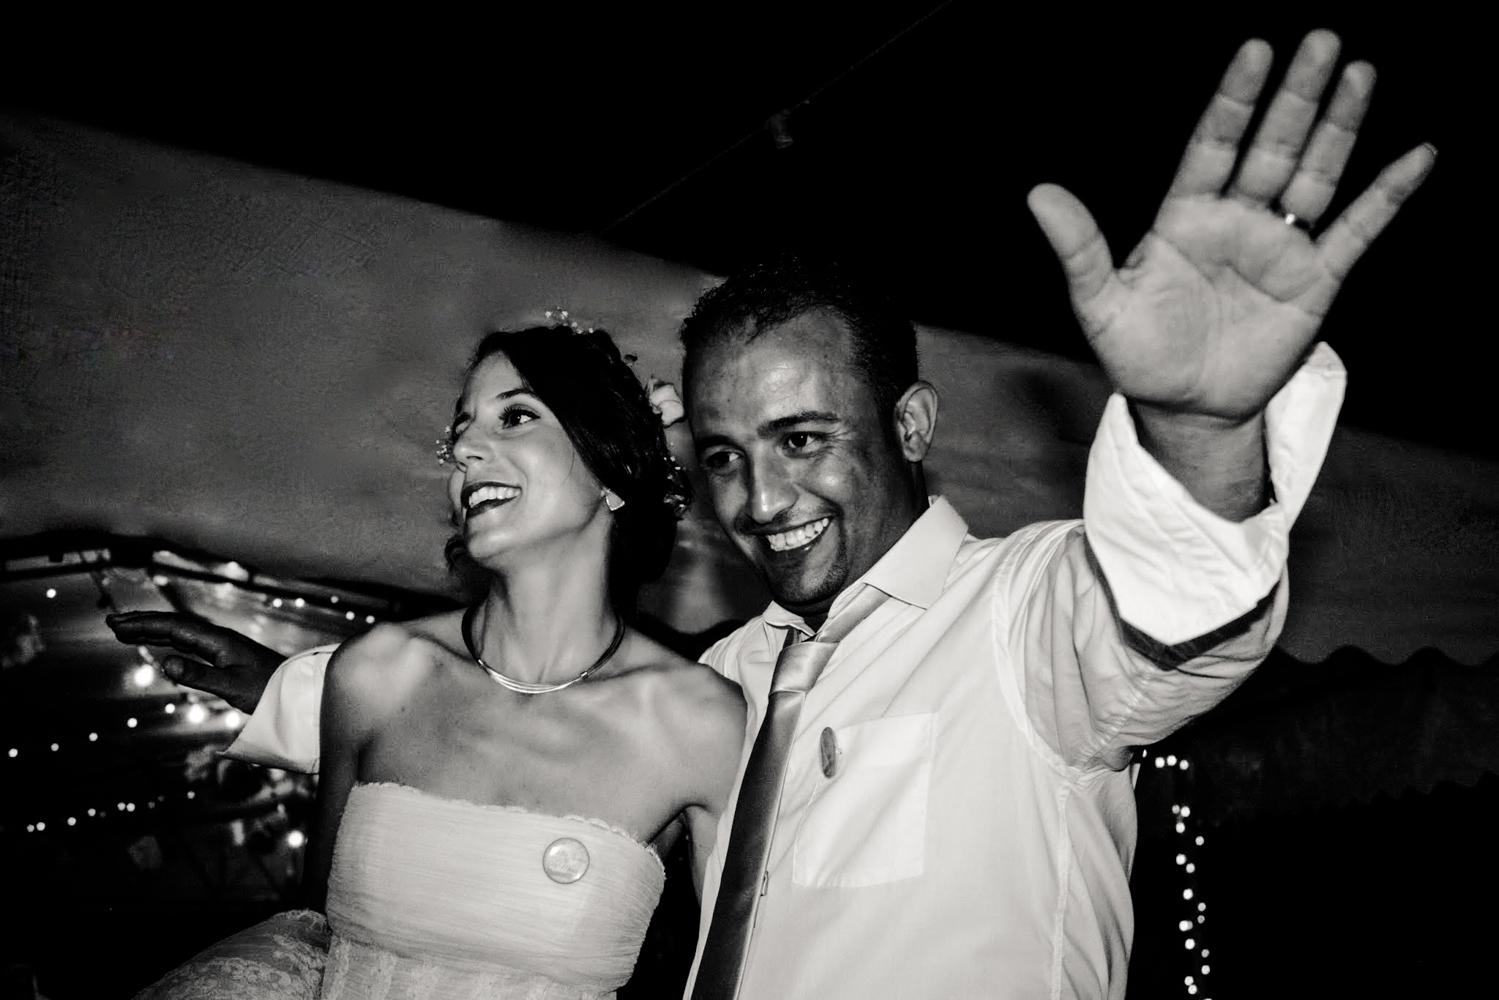 [Love in the air] • Notre mariage, il y a 4 ans déjà...